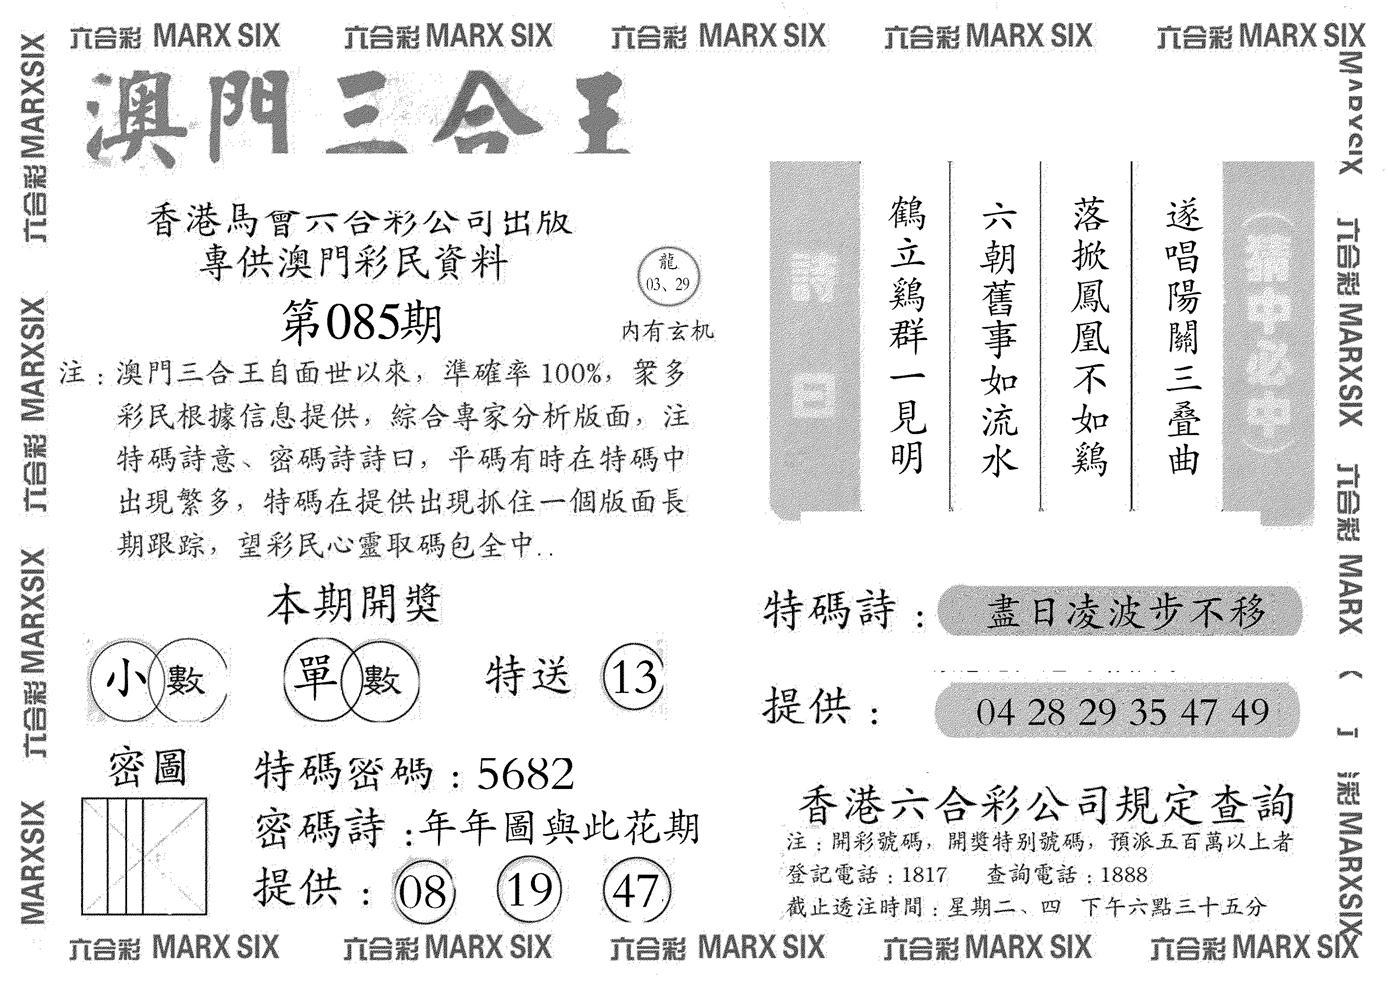 085期澳门三合王A(黑白)